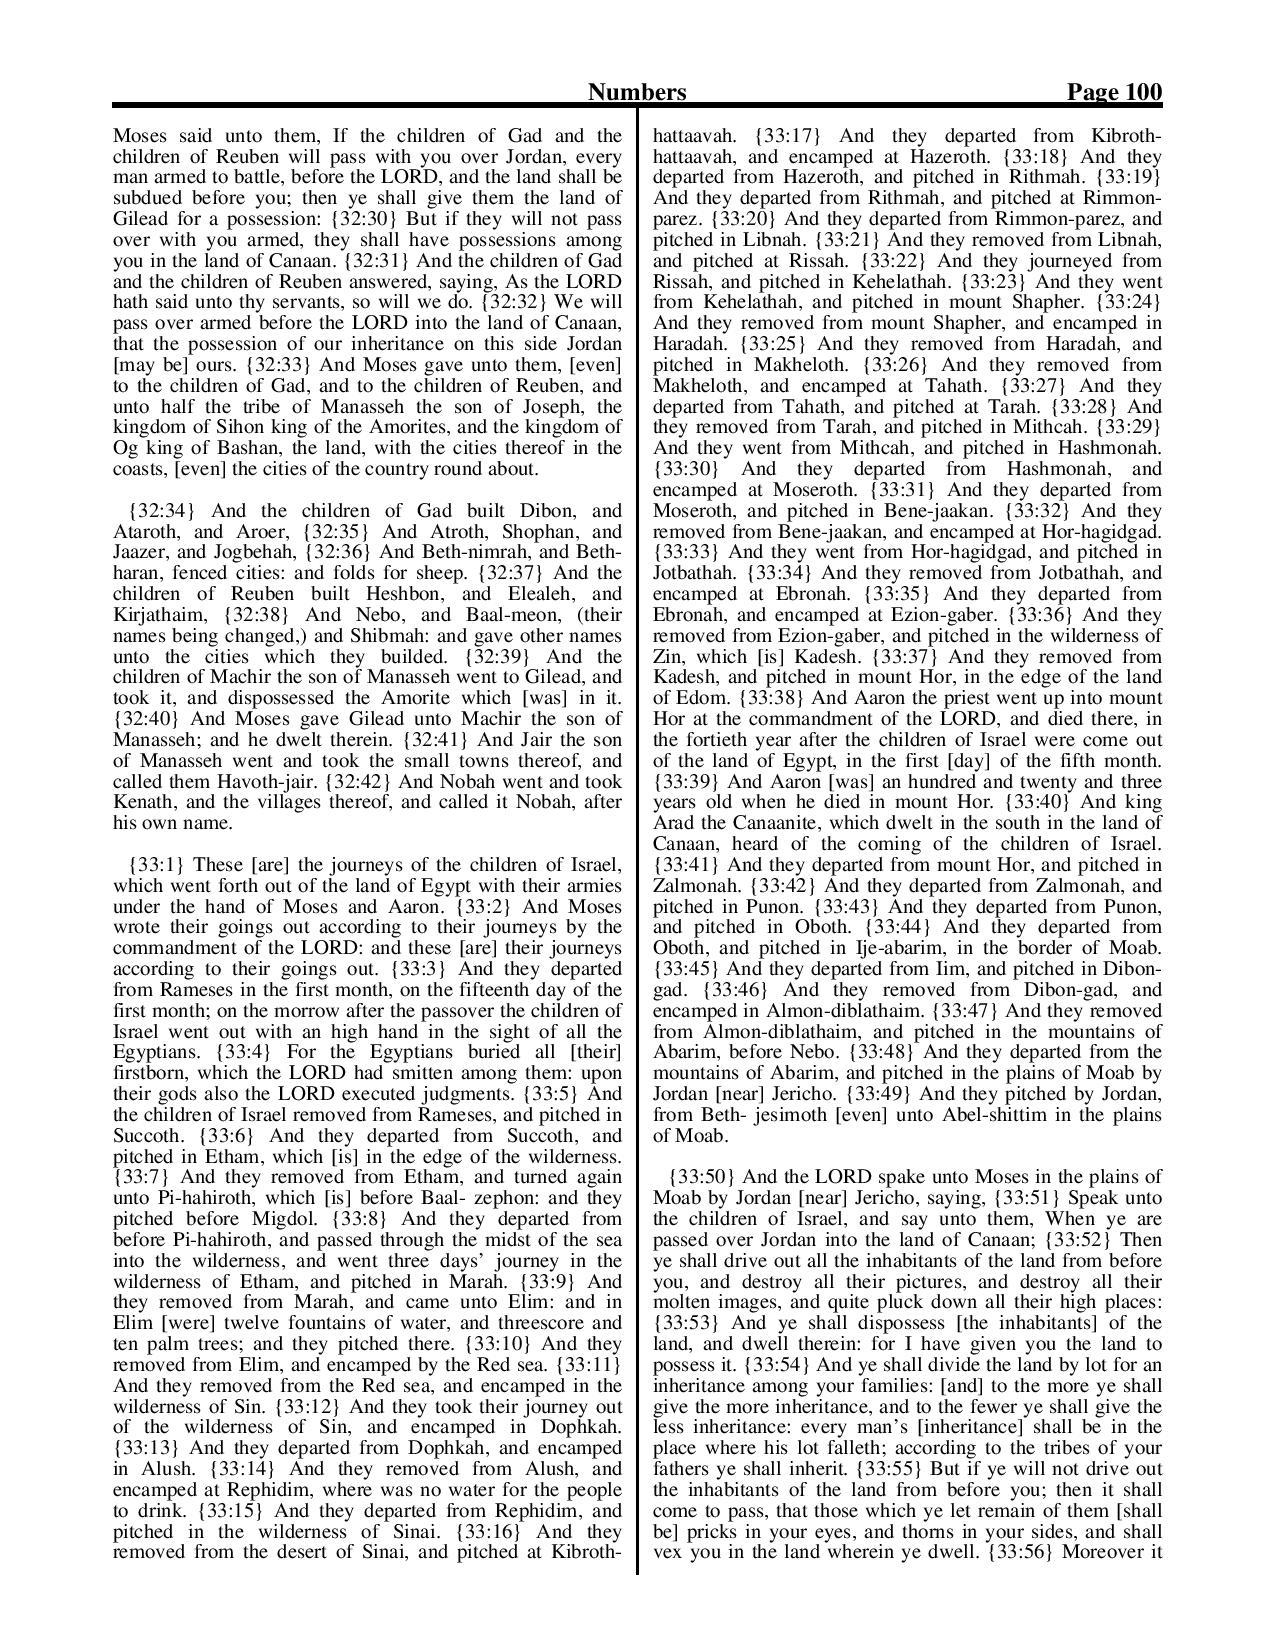 King-James-Bible-KJV-Bible-PDF-page-121